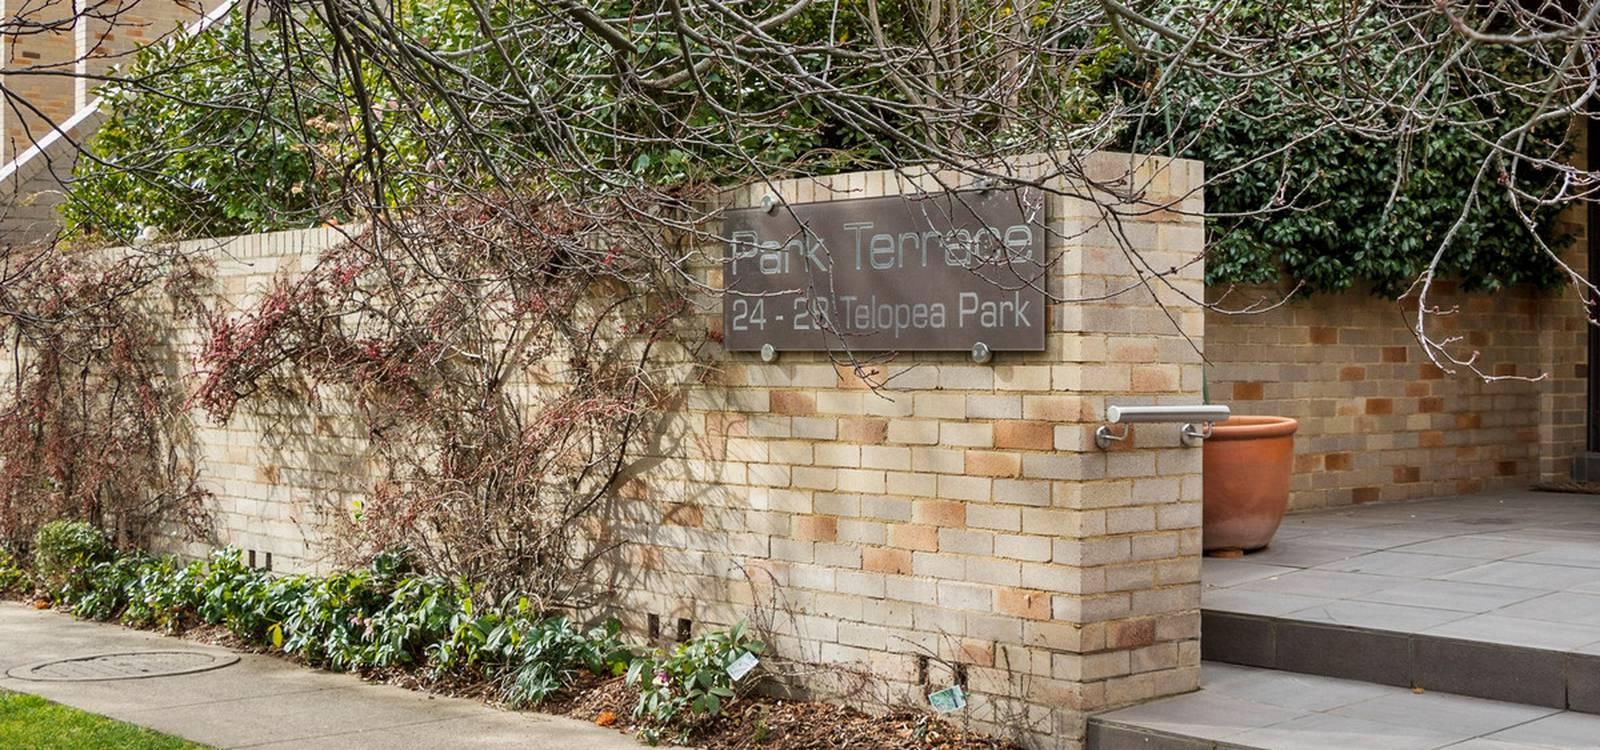 6/24-28 Telopea Park KINGSTON, ACT 2604 - photo 1